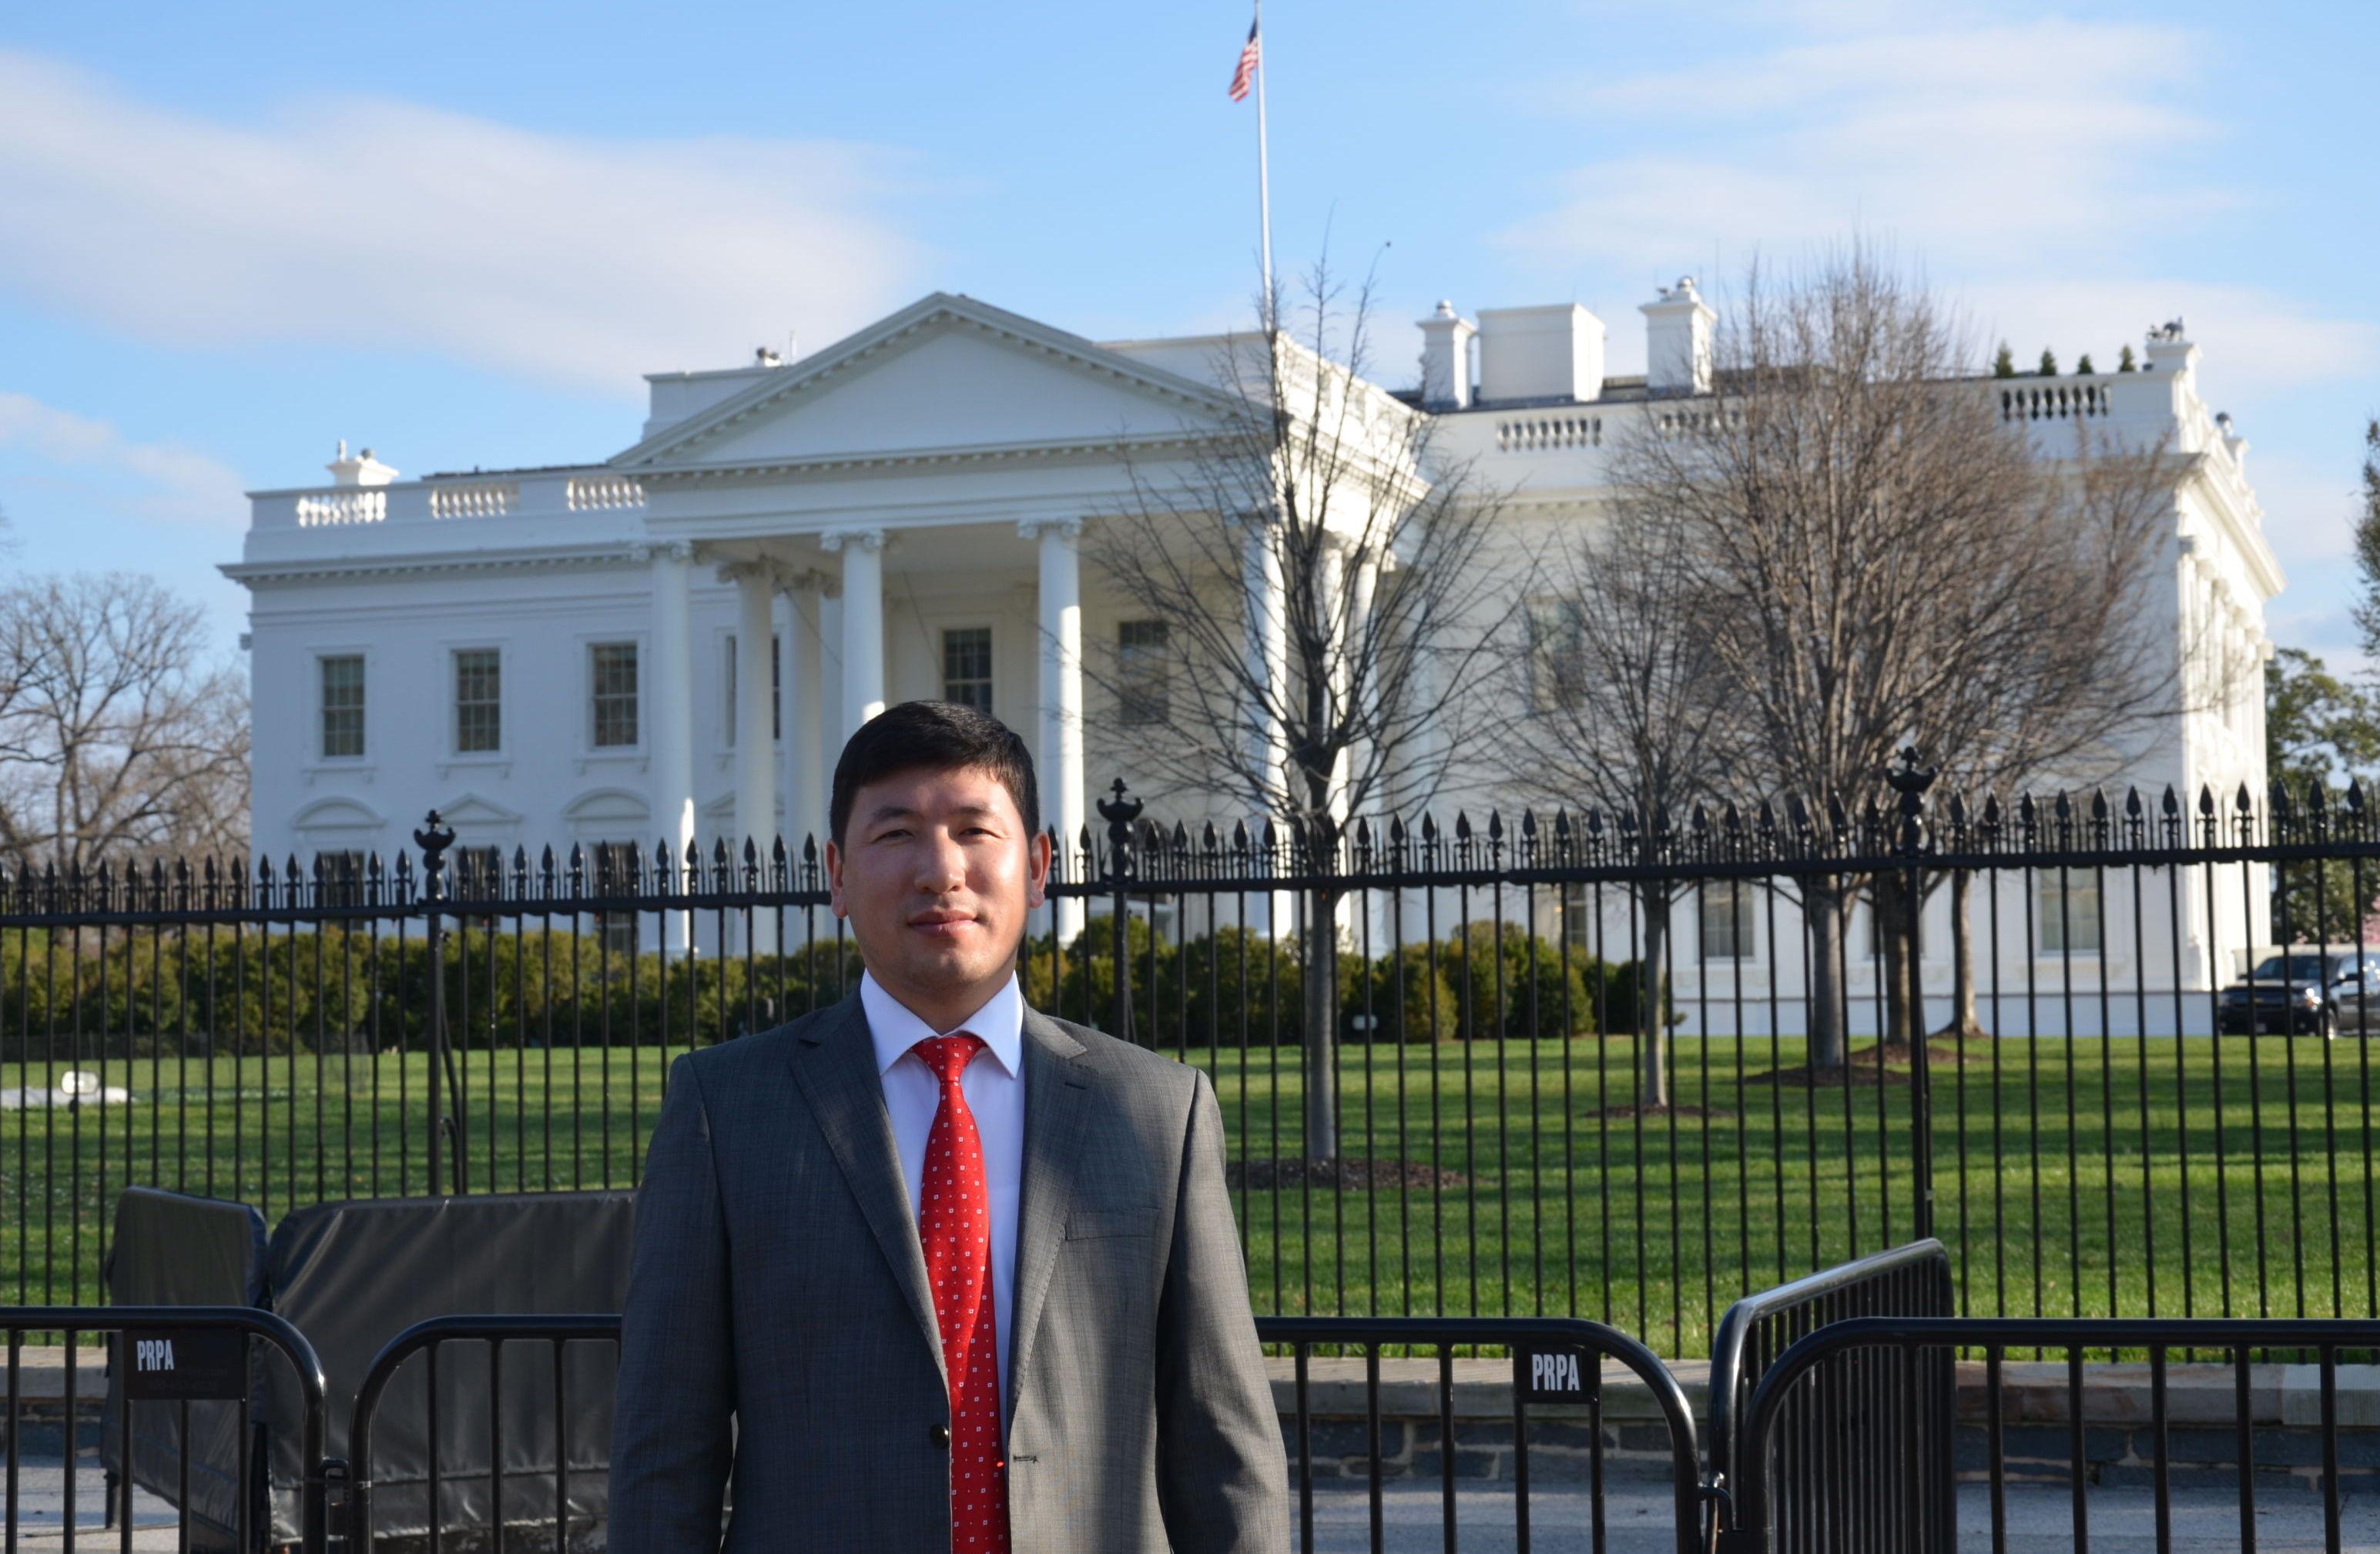 Один из основателей трех строительных компаний и гостиницы в Бишкеке Мирлан Акжигитов